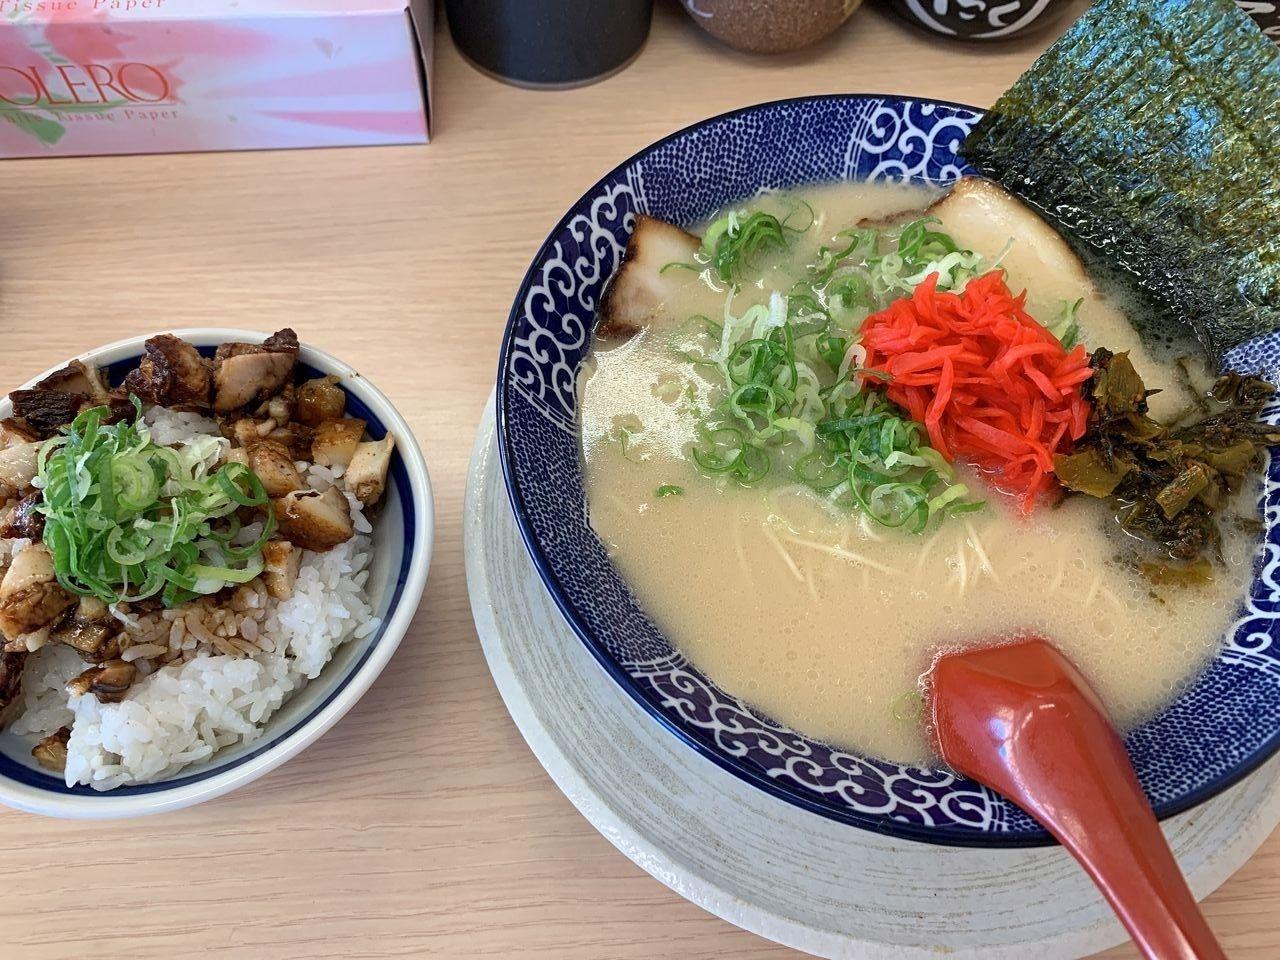 【三郷市食べ歩きブログ】三郷市大広戸にある「博多ラーメン鶴亀堂」へ